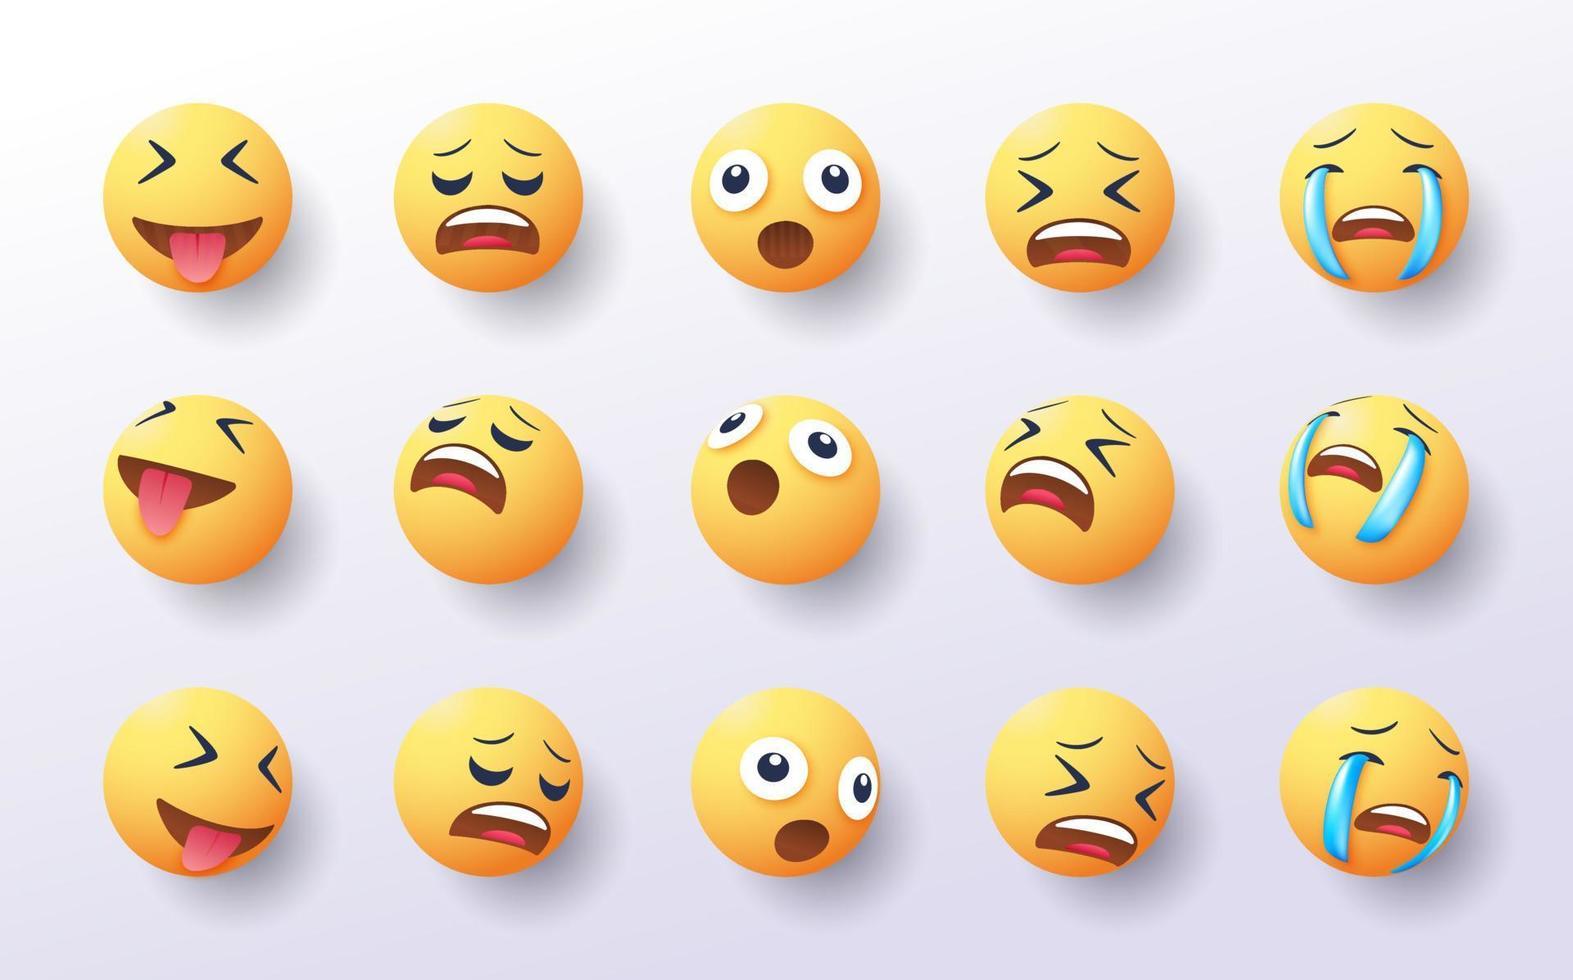 conjunto de emoji 3d em vários pontos de vista vetor